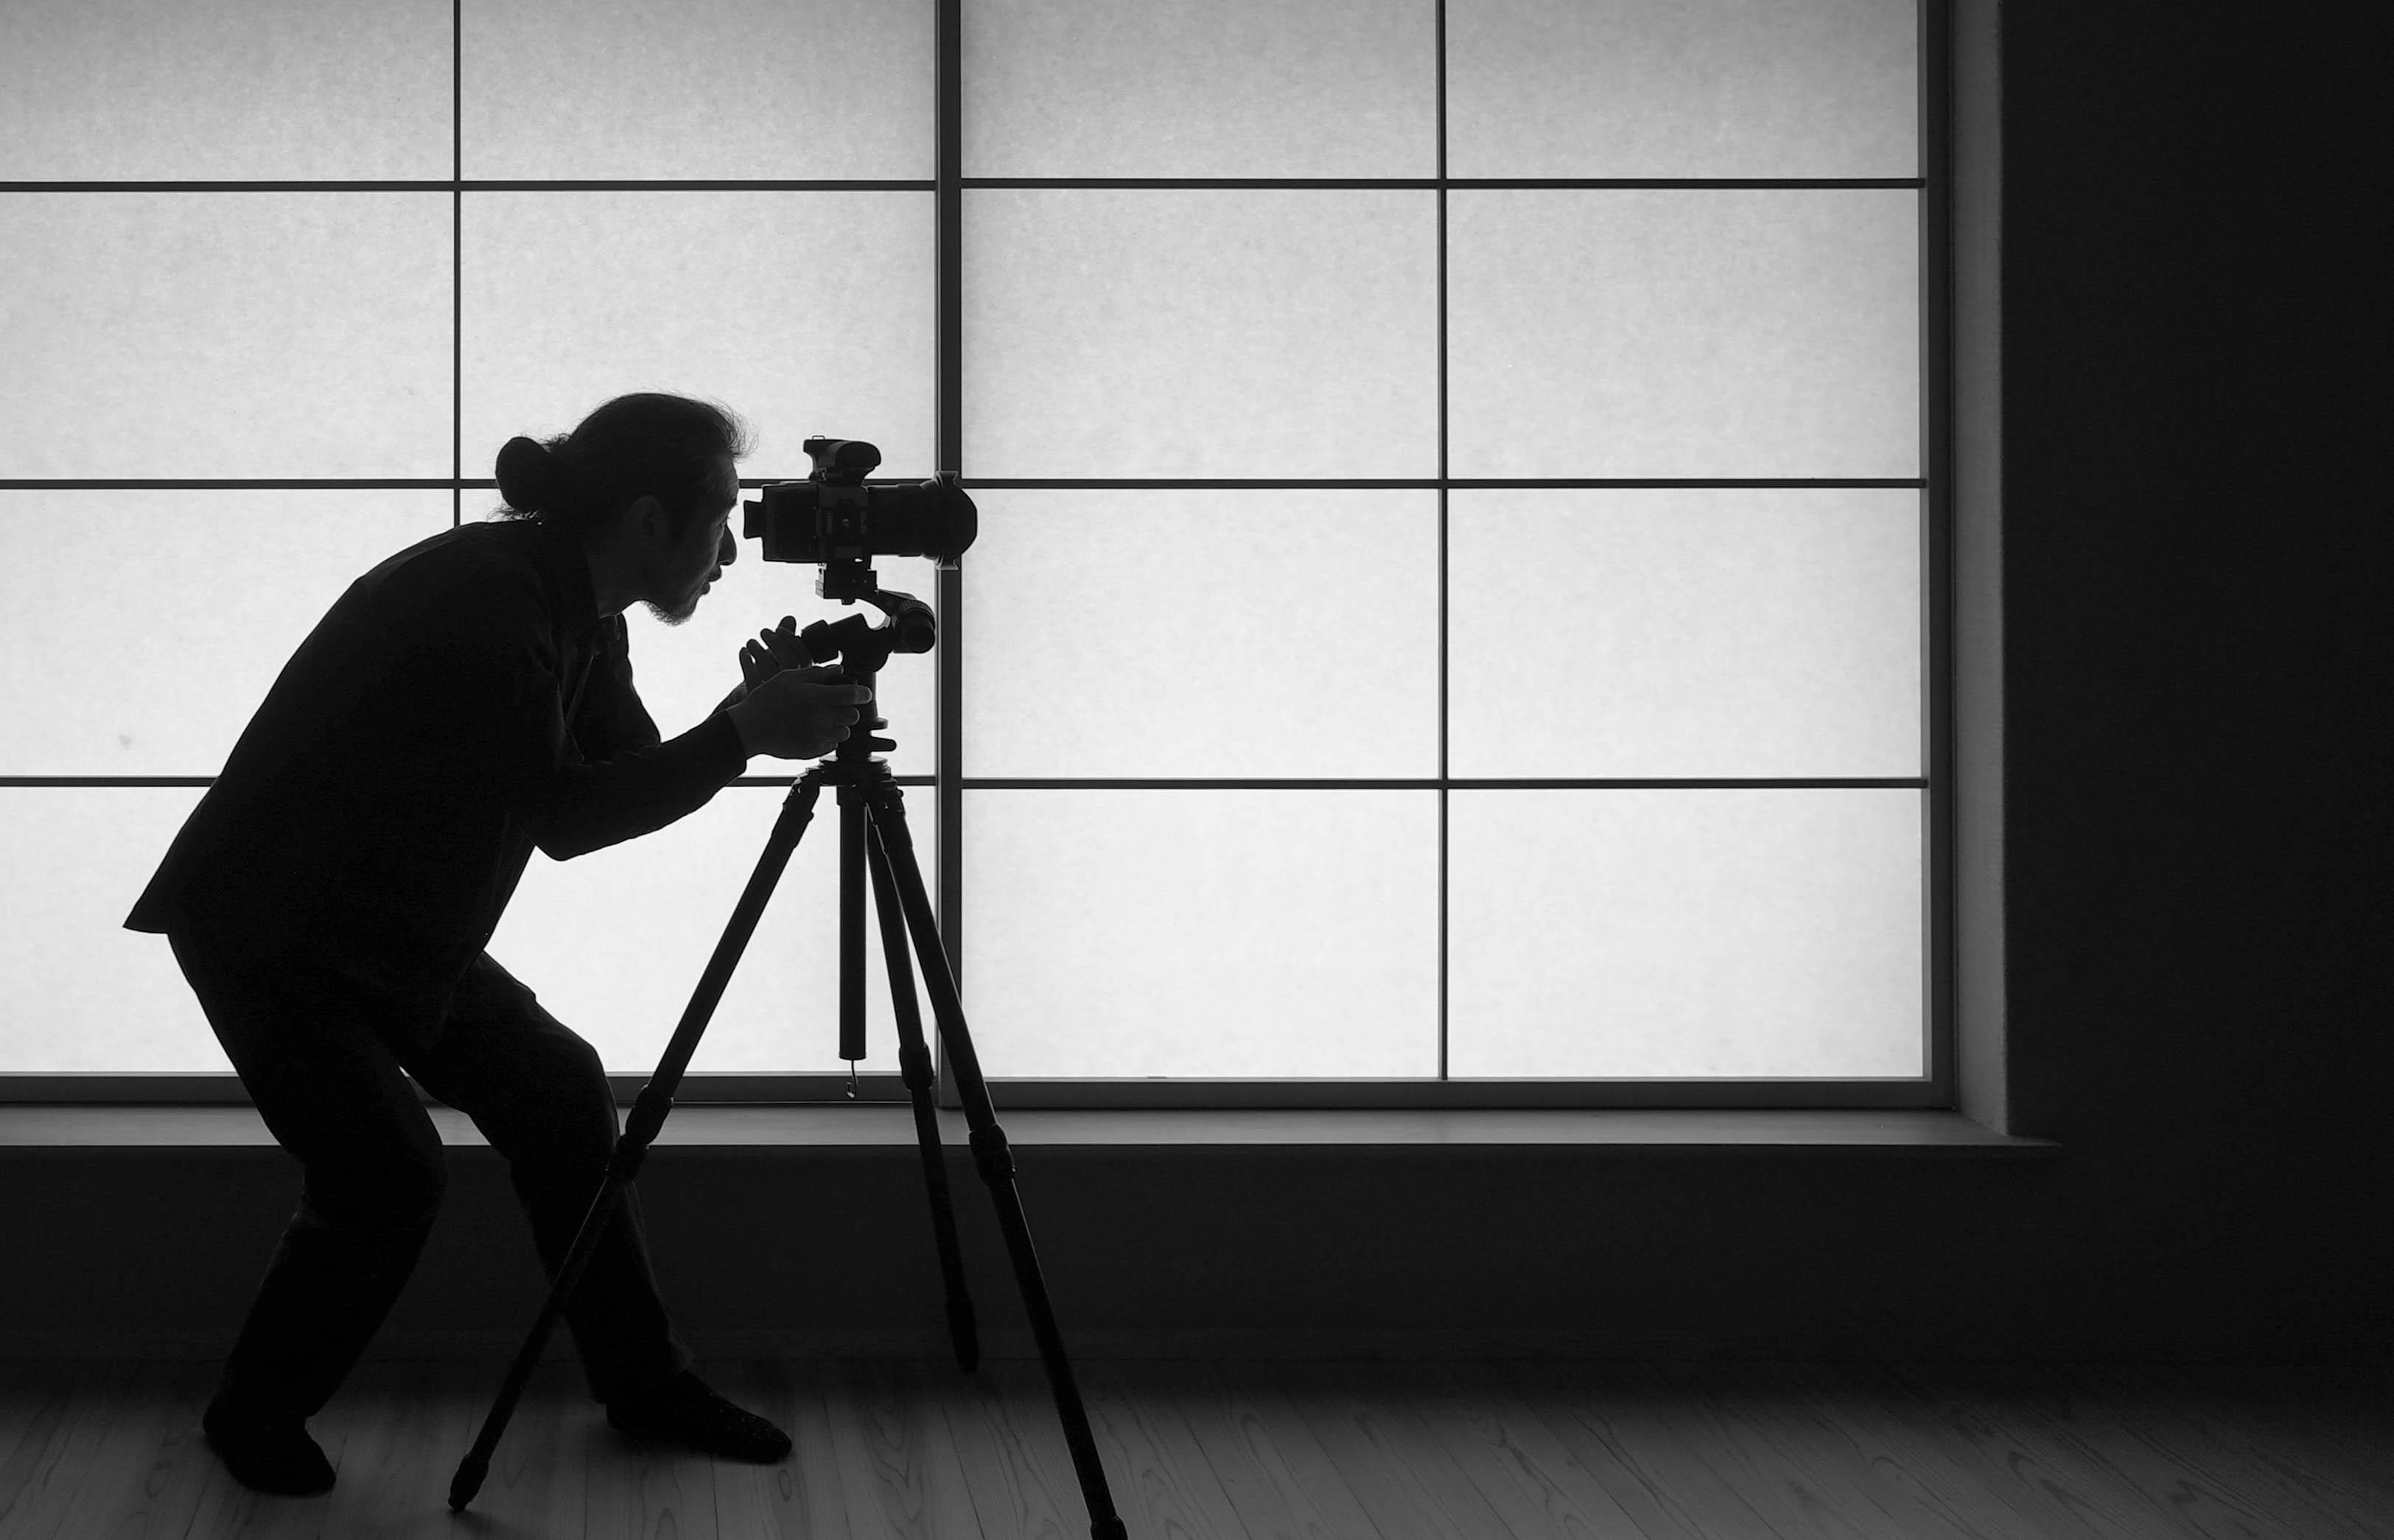 写真撮影の現場